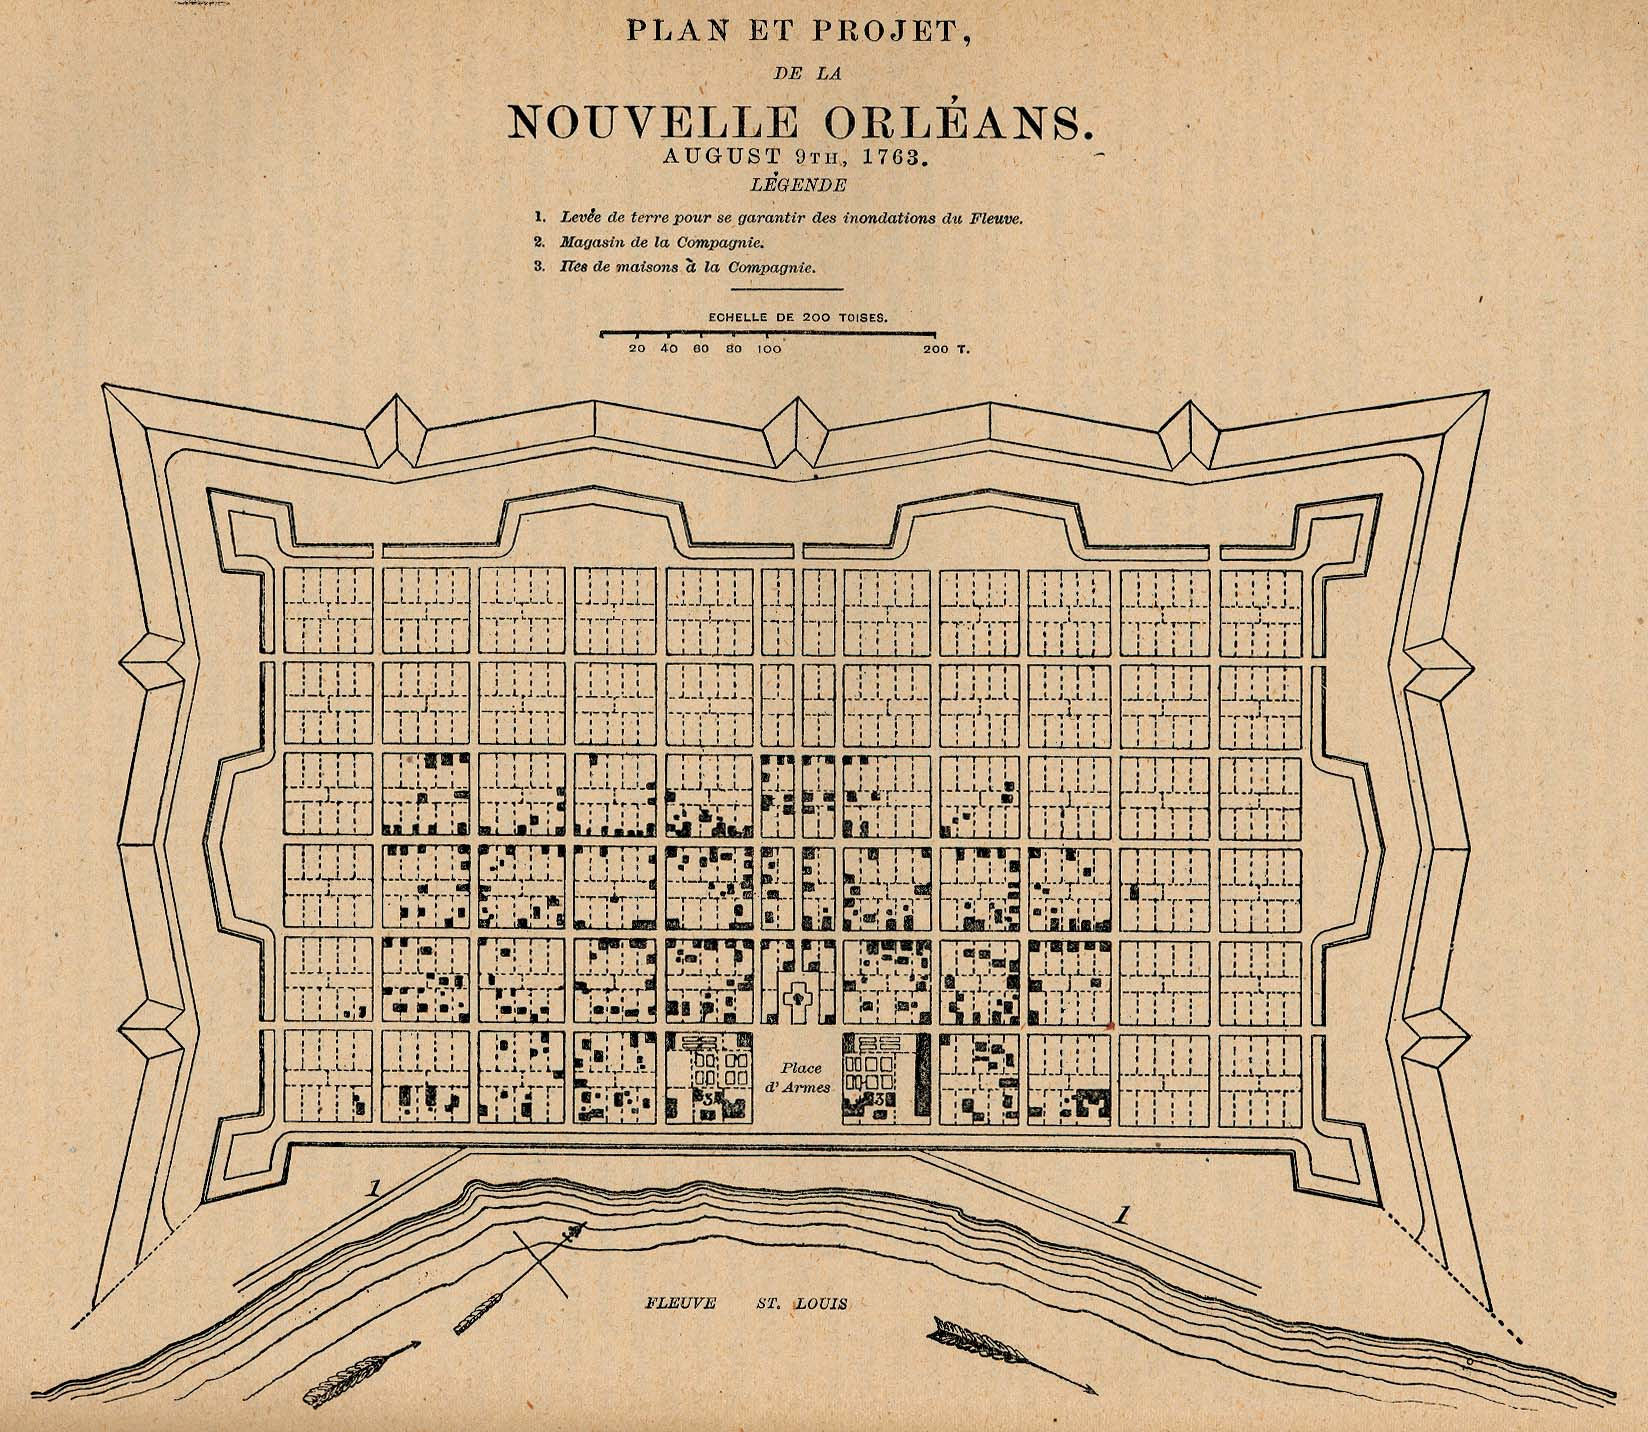 Mapa de la Ciudad de Nueva Orleans, Luisiana, Estados Unidos 1763